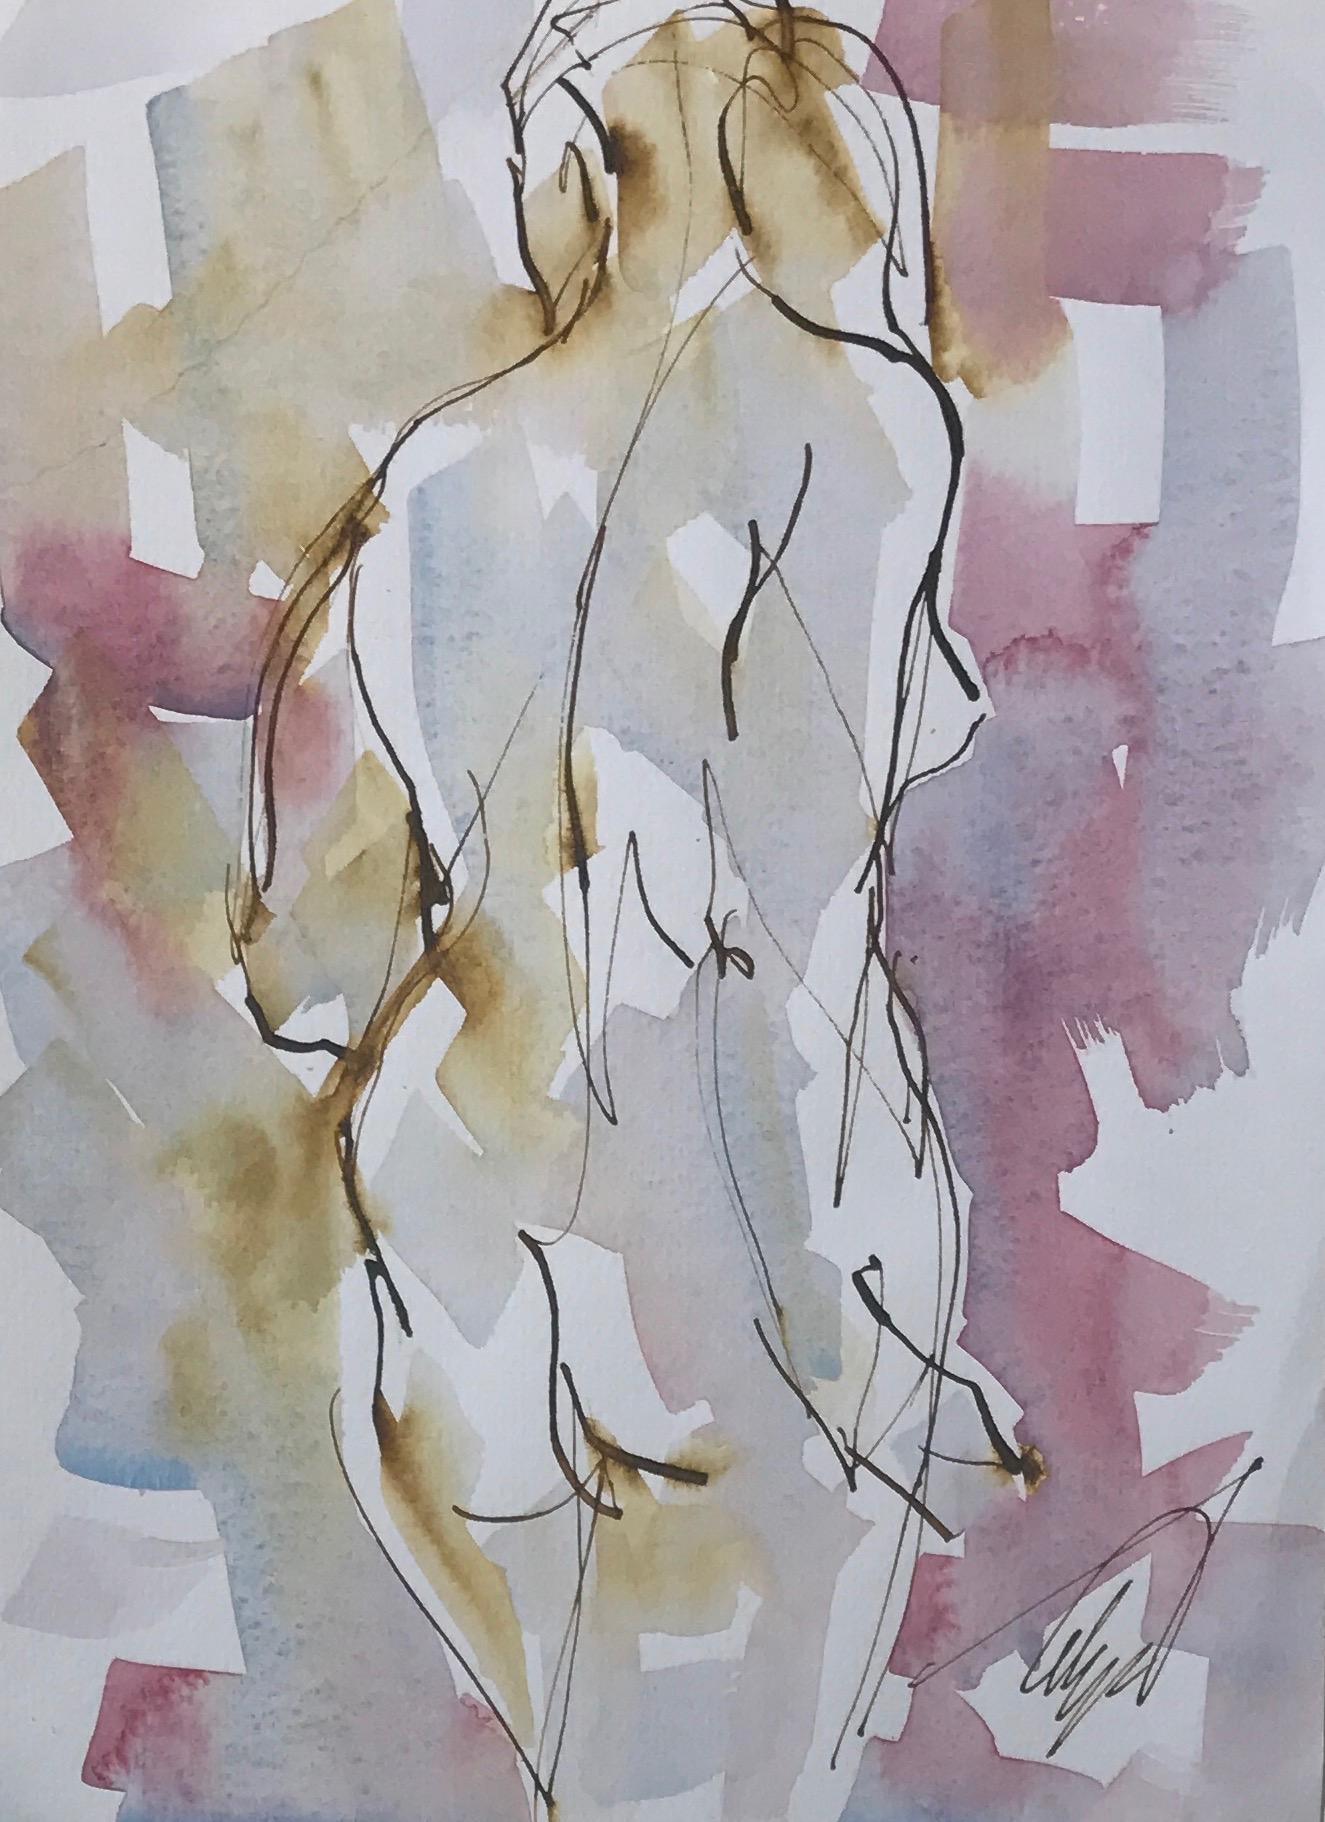 Standing Nude 2 by Mel Delija